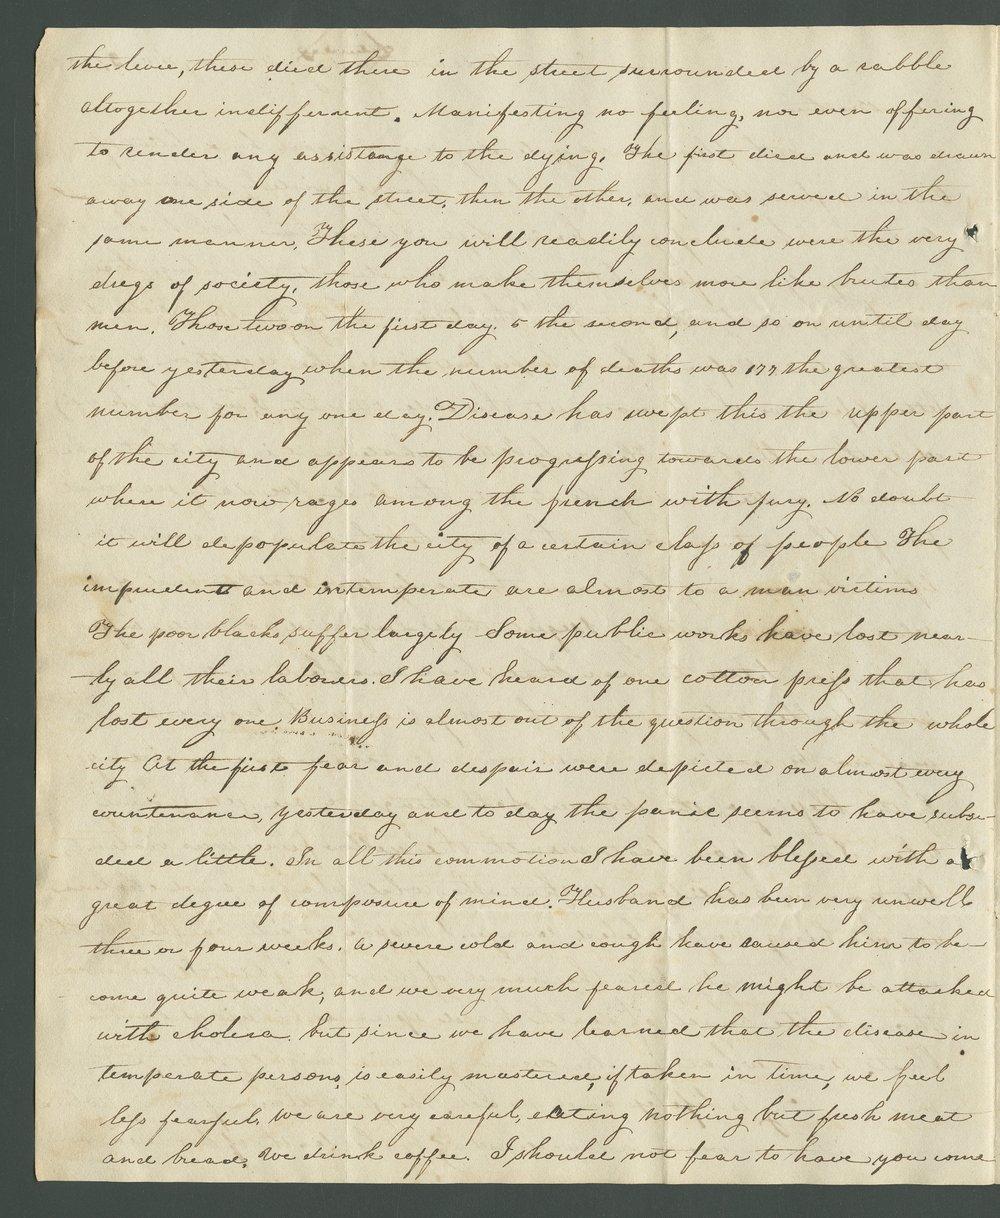 Catherine B. Dart to Lewis Allen Alderson - 8